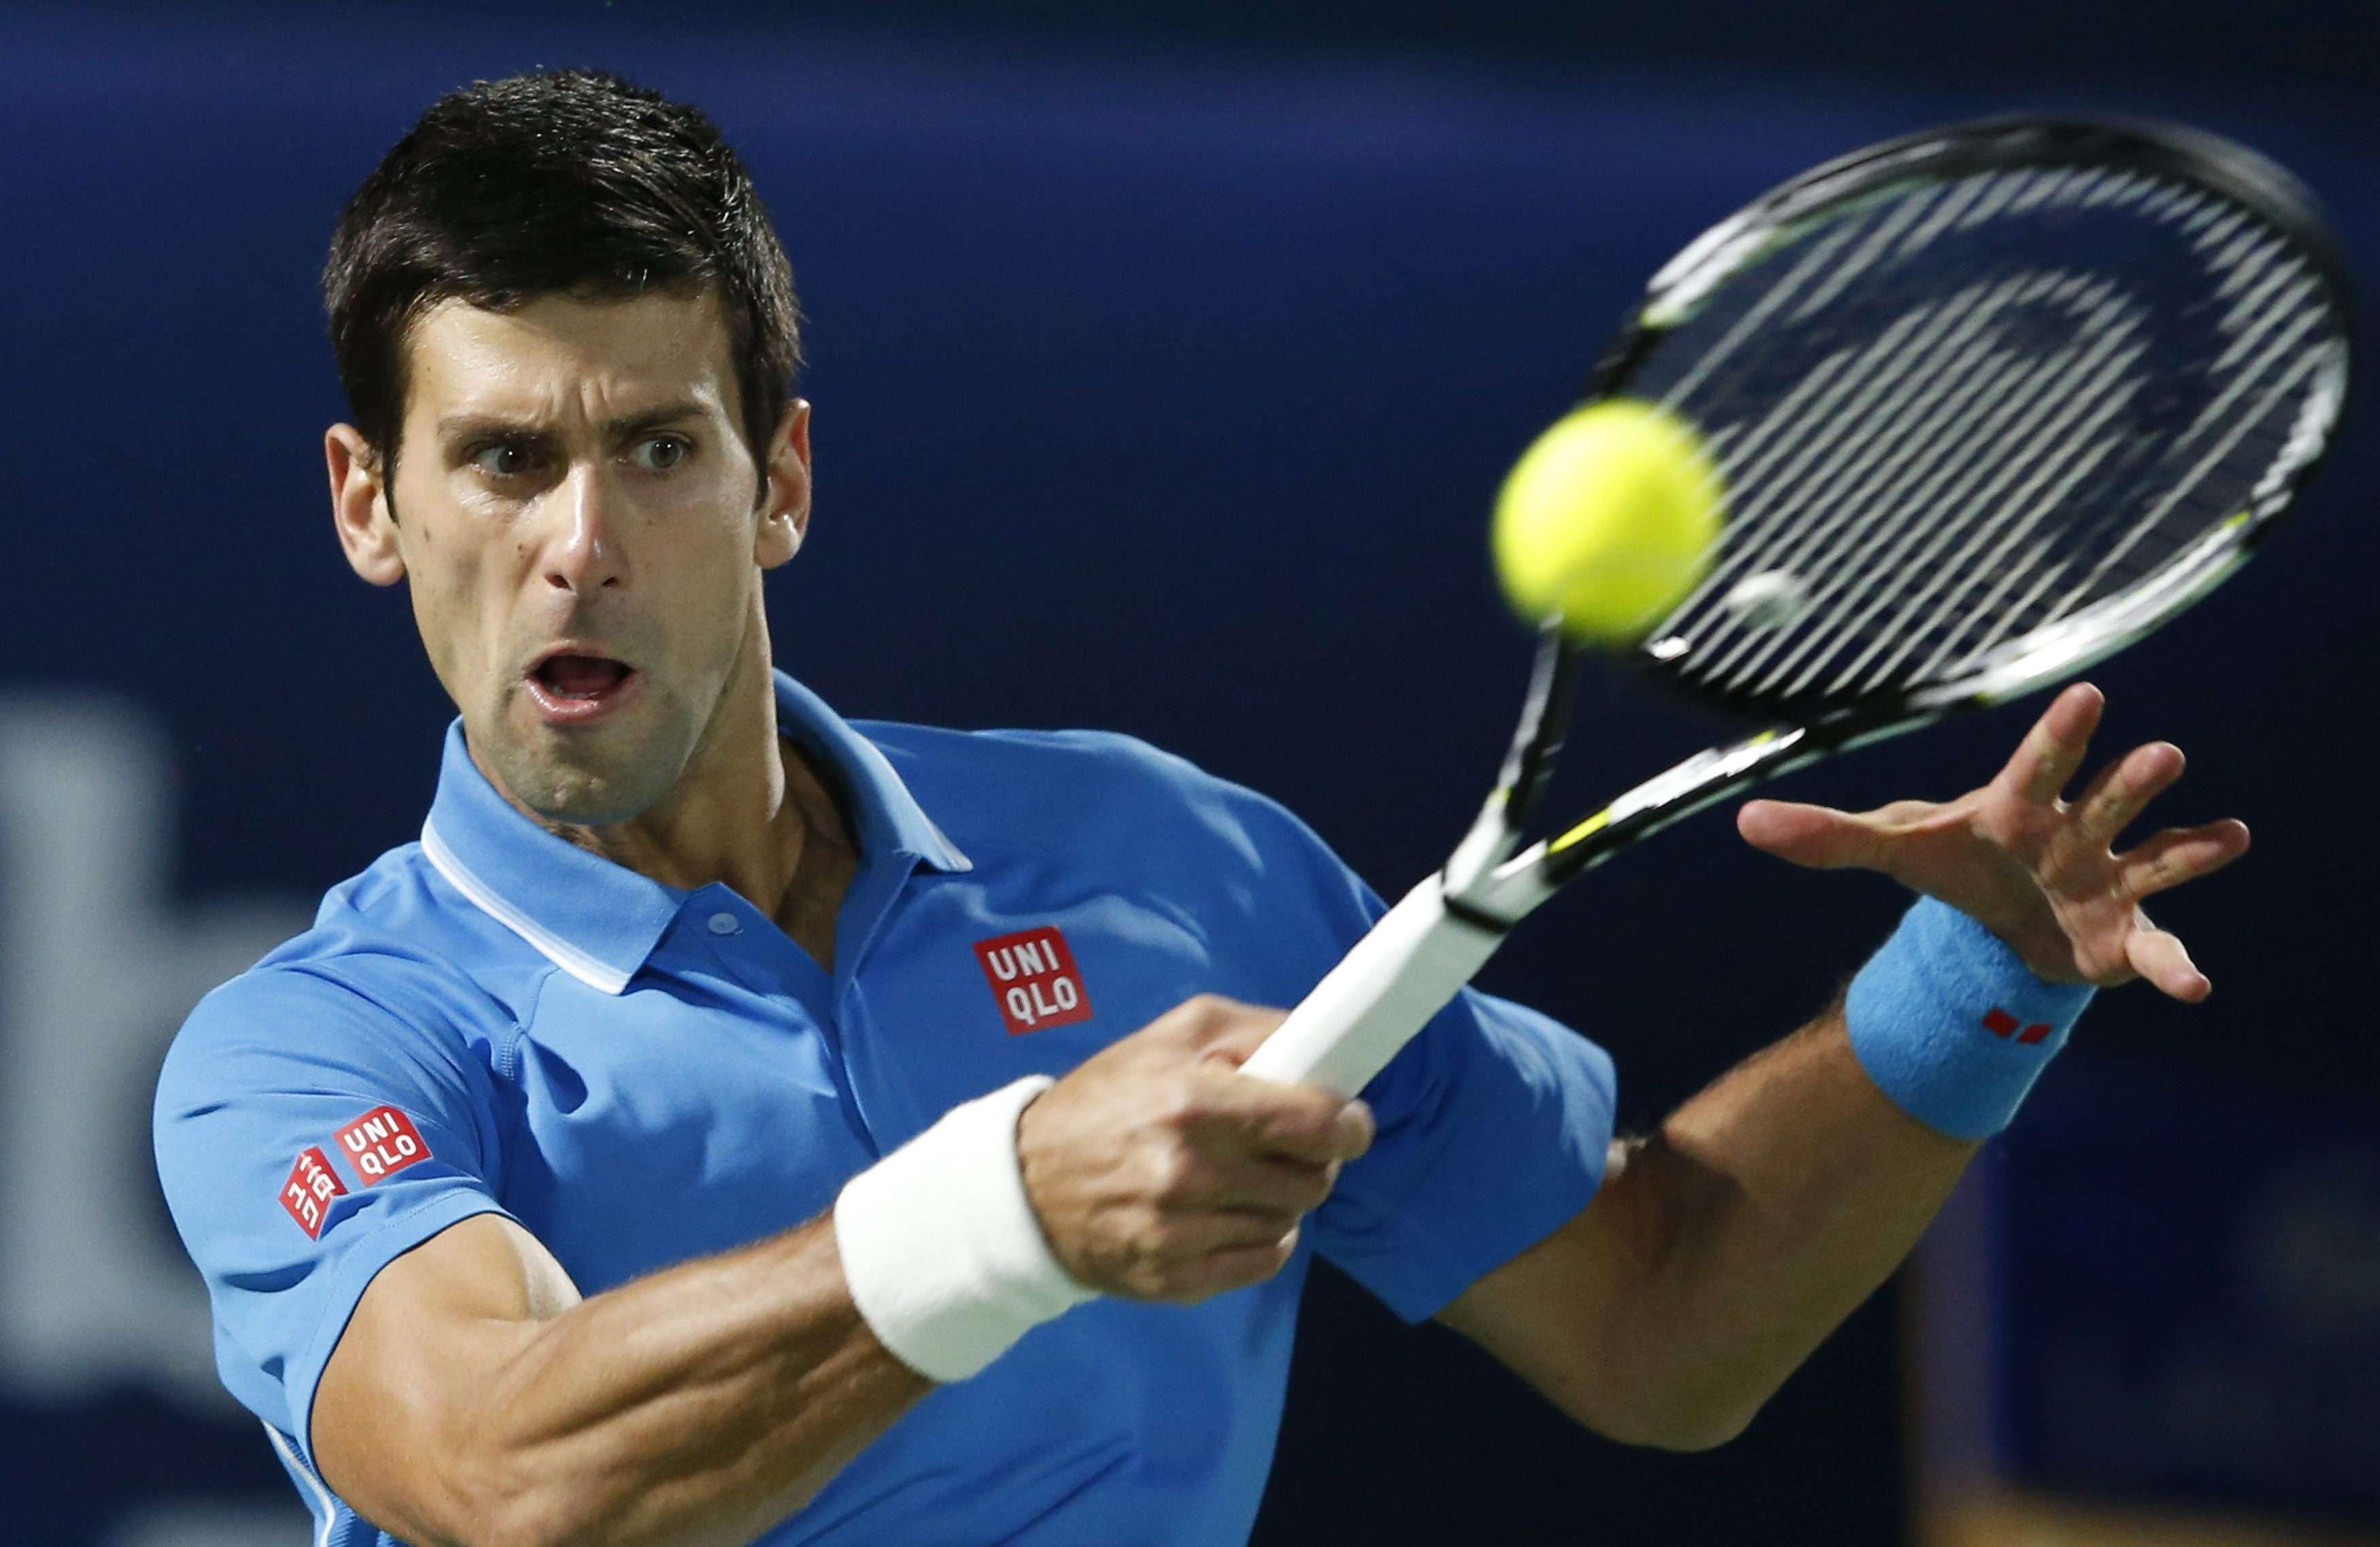 Djokovic tuvo un duro partido contra Berdych. Foto: EFE